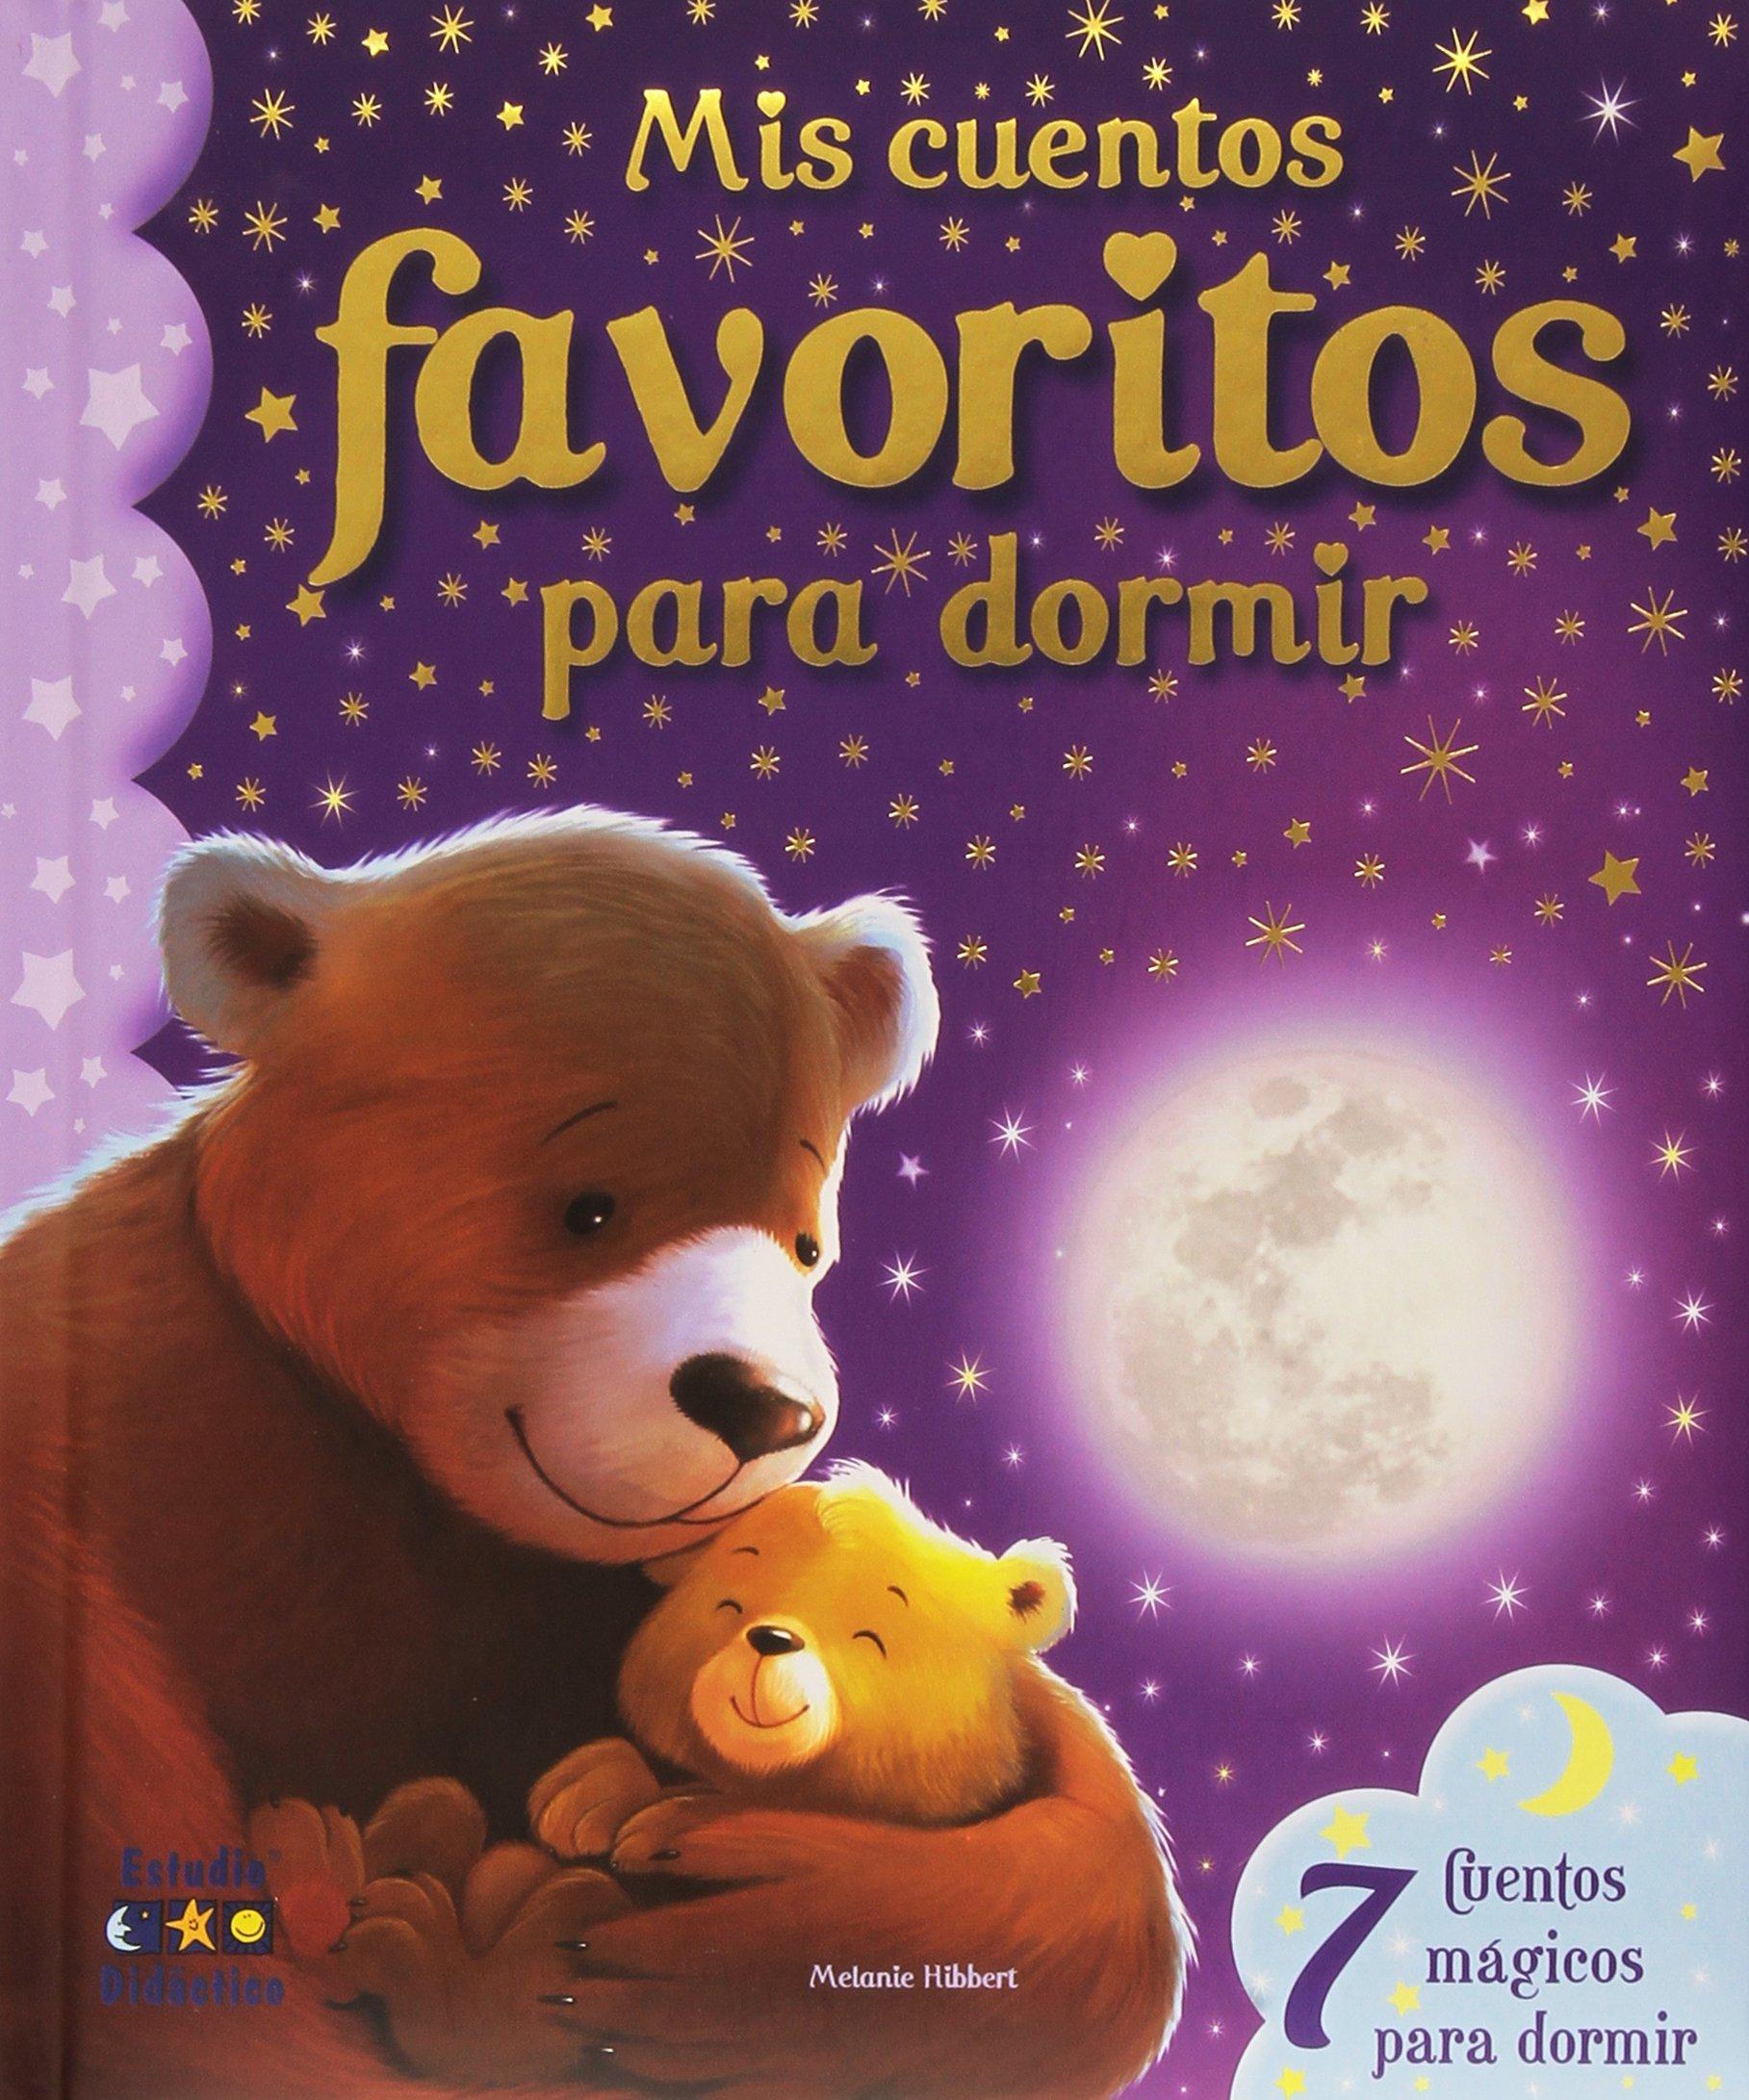 Mis cuentos favoritos para dormir: VV.AA.: 9788497866514: Amazon.com: Books